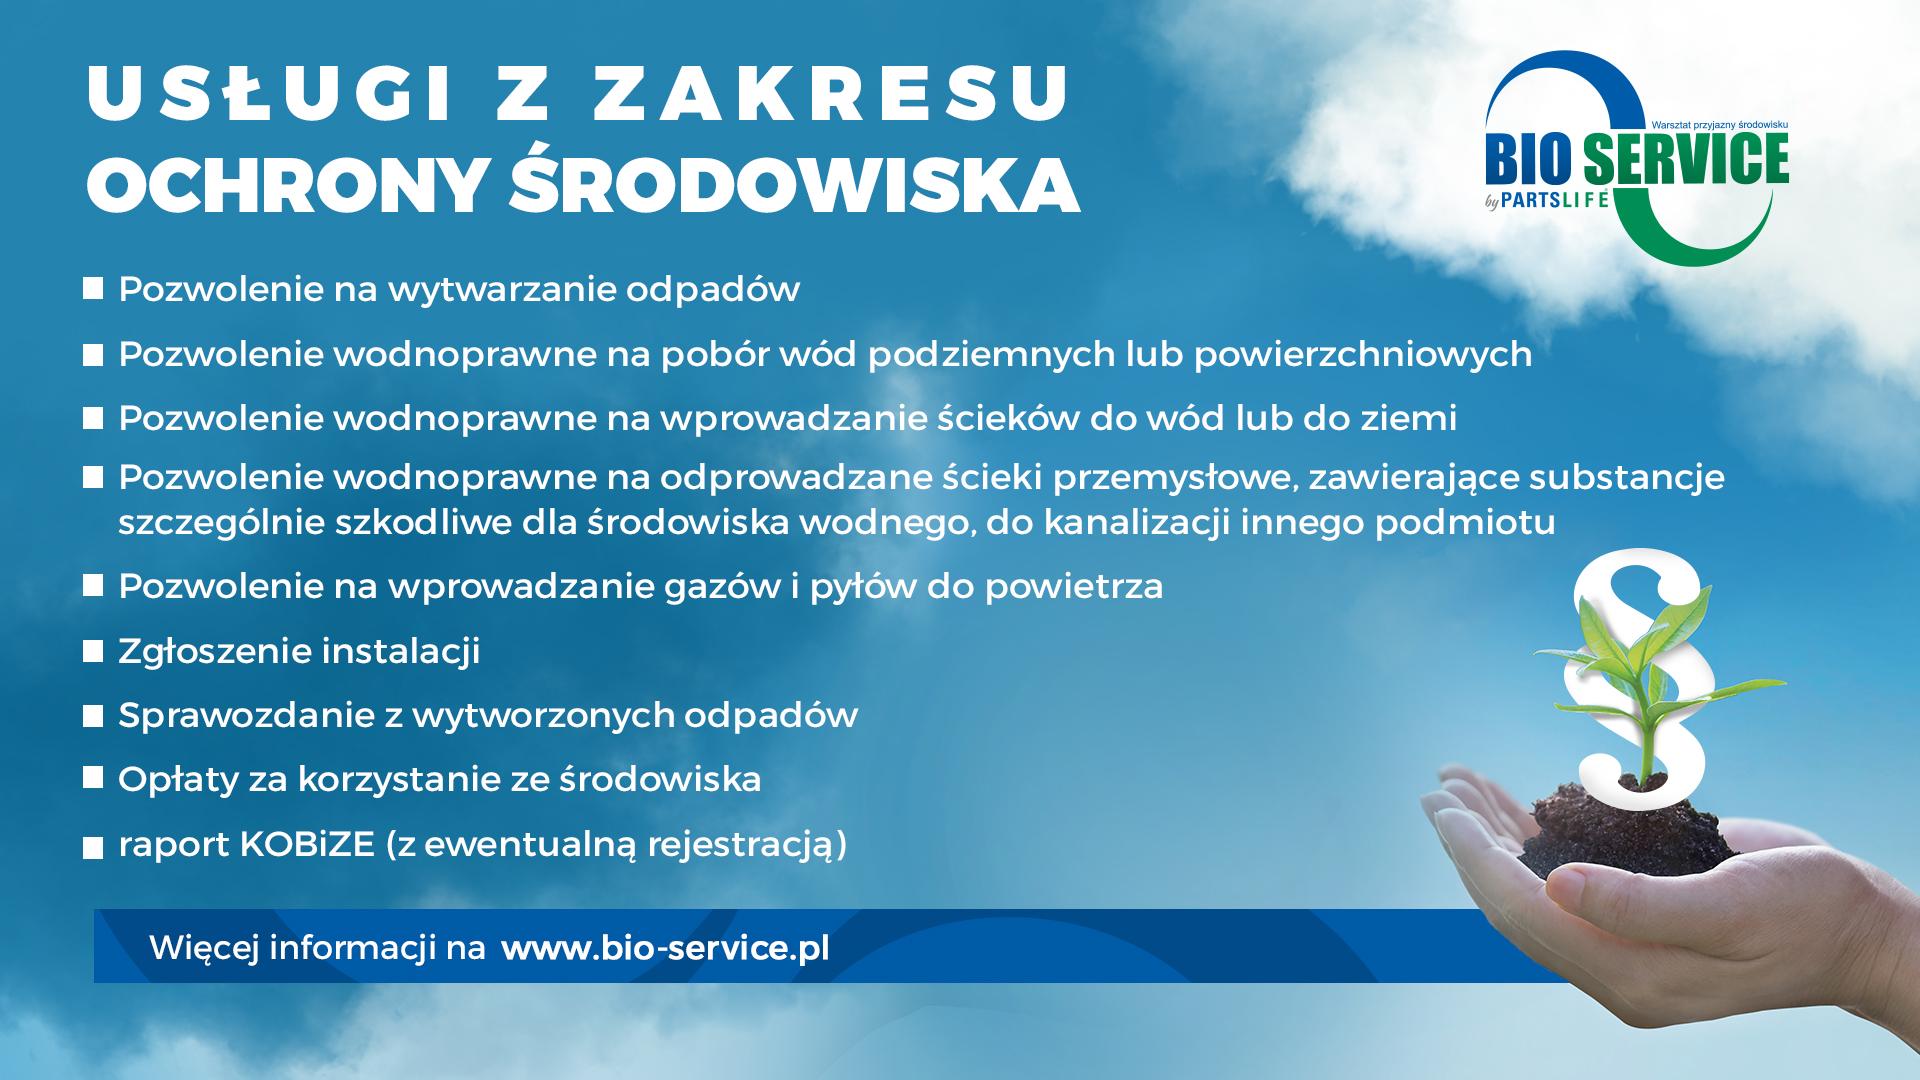 bioservice_uslugi_z_zakresu_chorny_srodowiska_1920x1080_aktualizacja_sierpien_v4.jpg